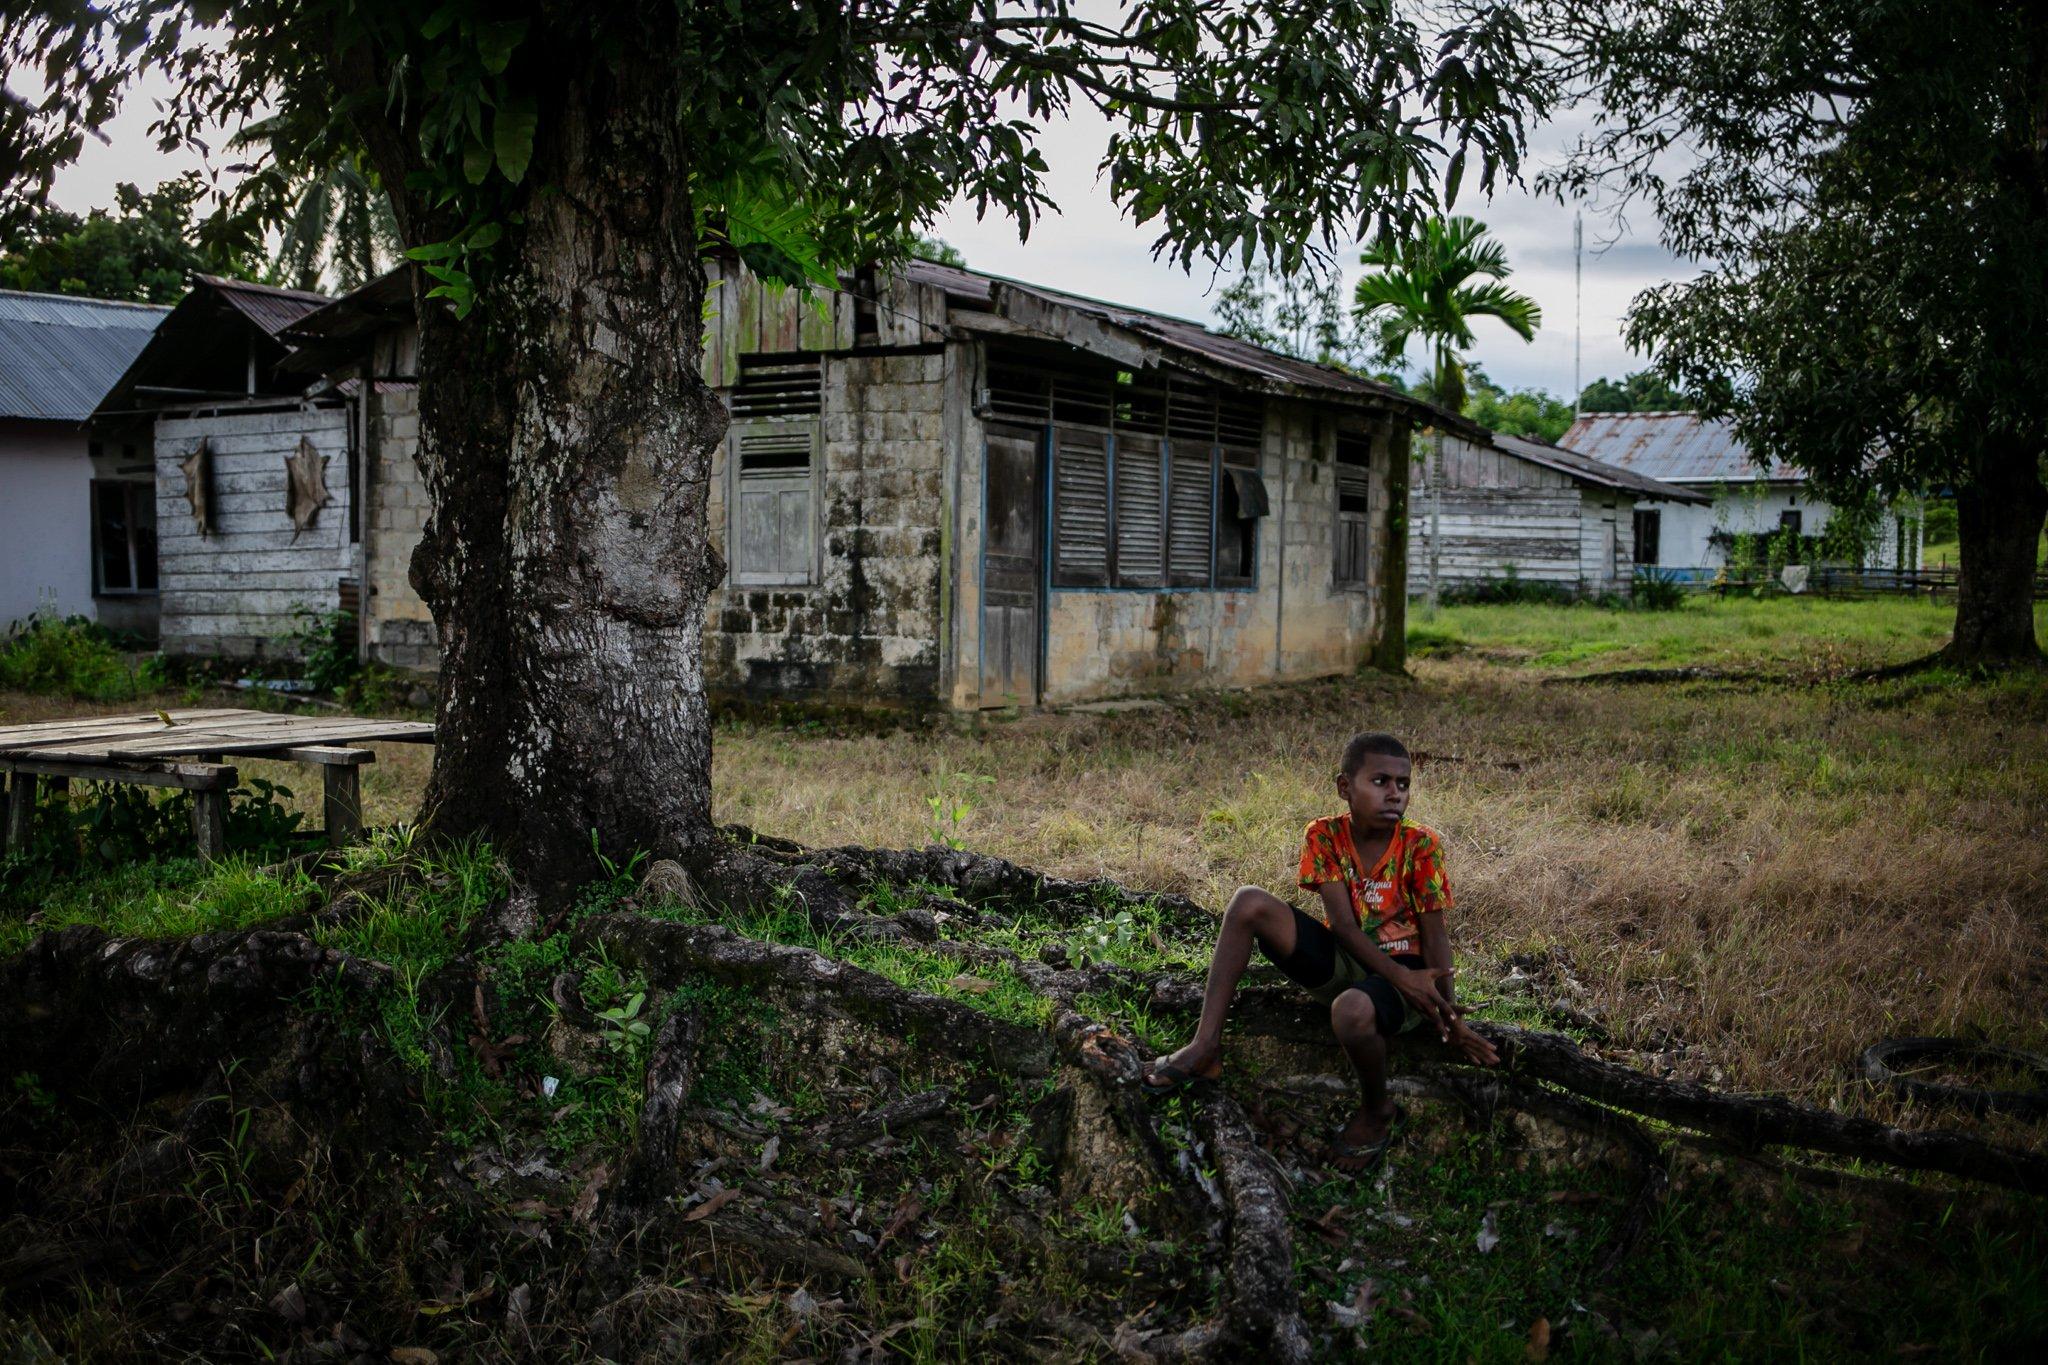 Sejumlah anak duduk di atas akar pohon di Distrik Segun, Kabupaten Sorong, Papua Barat, Minggu, (19/9/2021). Tak banyak anak remaja di kampung adat ini, sebagian besar anak-anak berusia 13-20 yang melanjutkan pendidikan tingkat menengah dan atas harus menginap di ditrik lain karena hanya sekolah dasar yang ada disana.